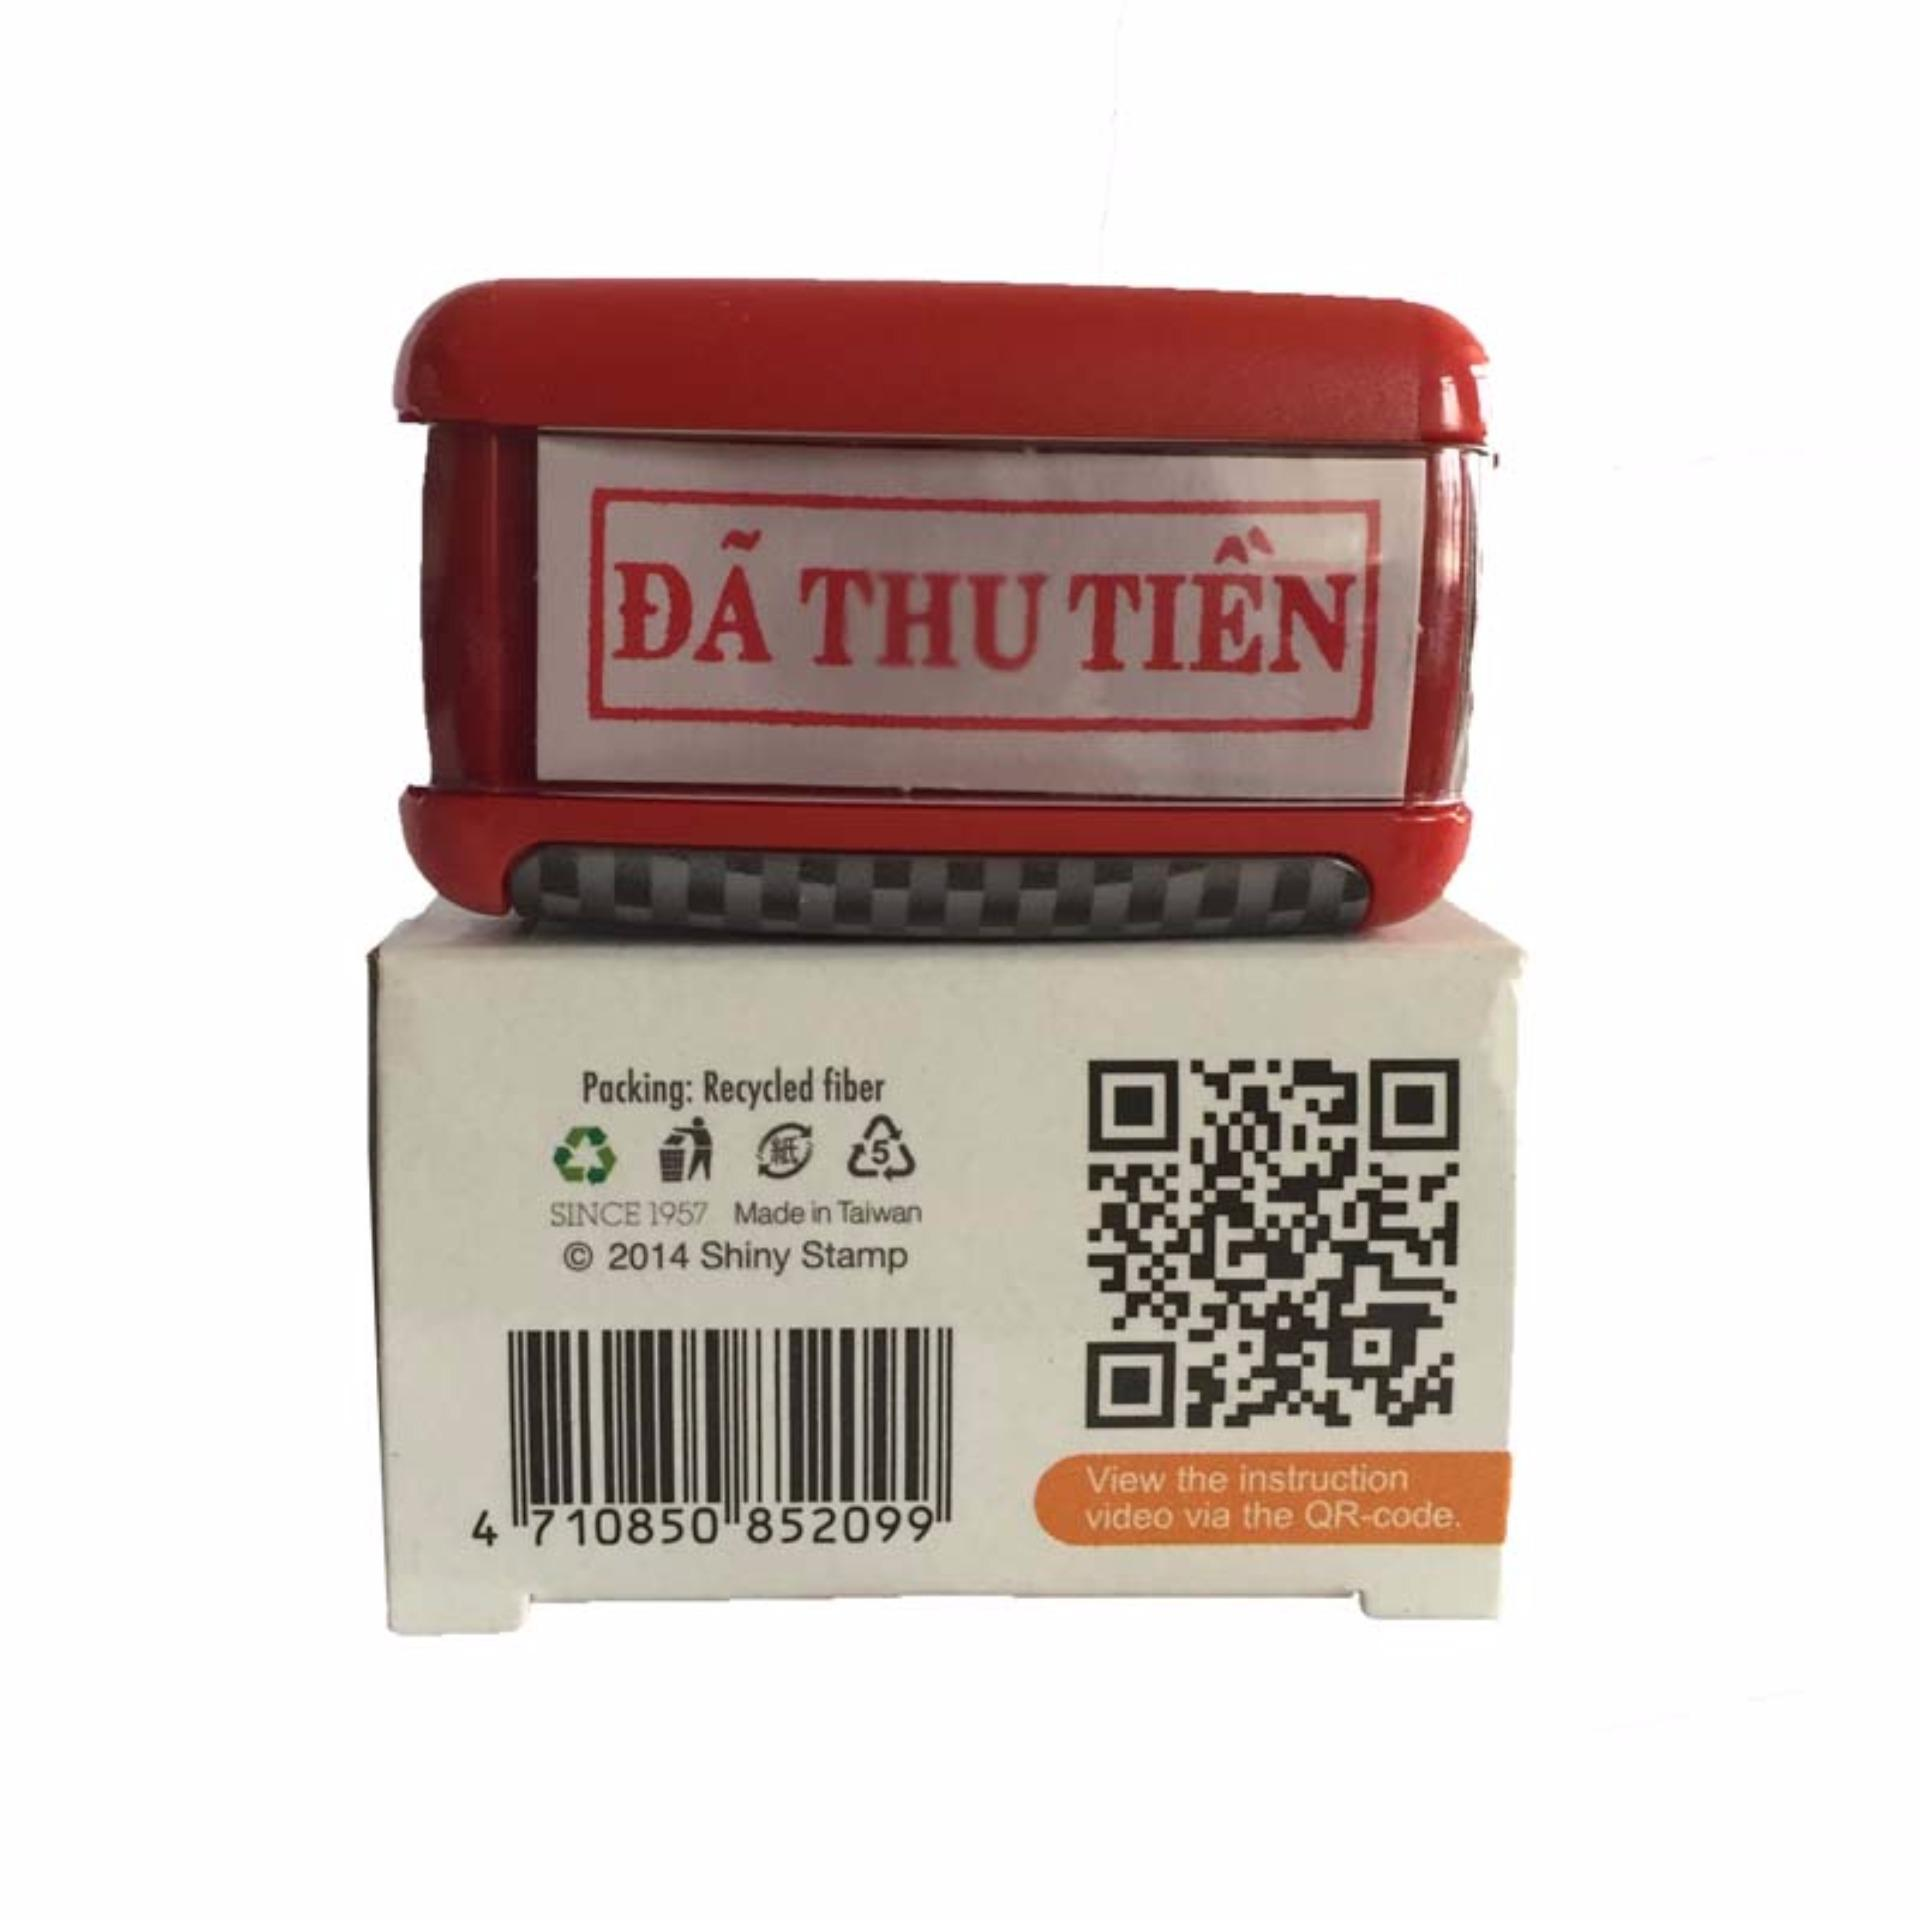 """Bảng Giá Con dấu liên mực """"ĐÃ THU TIỀN"""" Printer S-852 (Màu đỏ)"""